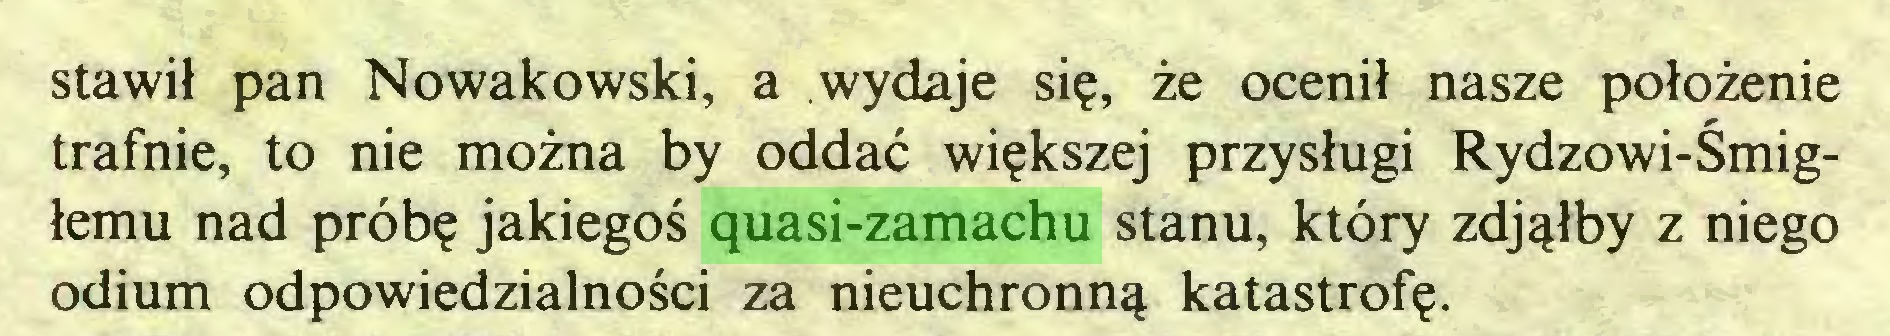 (...) stawił pan Nowakowski, a wydaje się, że ocenił nasze położenie trafnie, to nie można by oddać większej przysługi Rydzowi-Śmigłemu nad próbę jakiegoś quasi-zamachu stanu, który zdjąłby z niego odium odpowiedzialności za nieuchronną katastrofę...